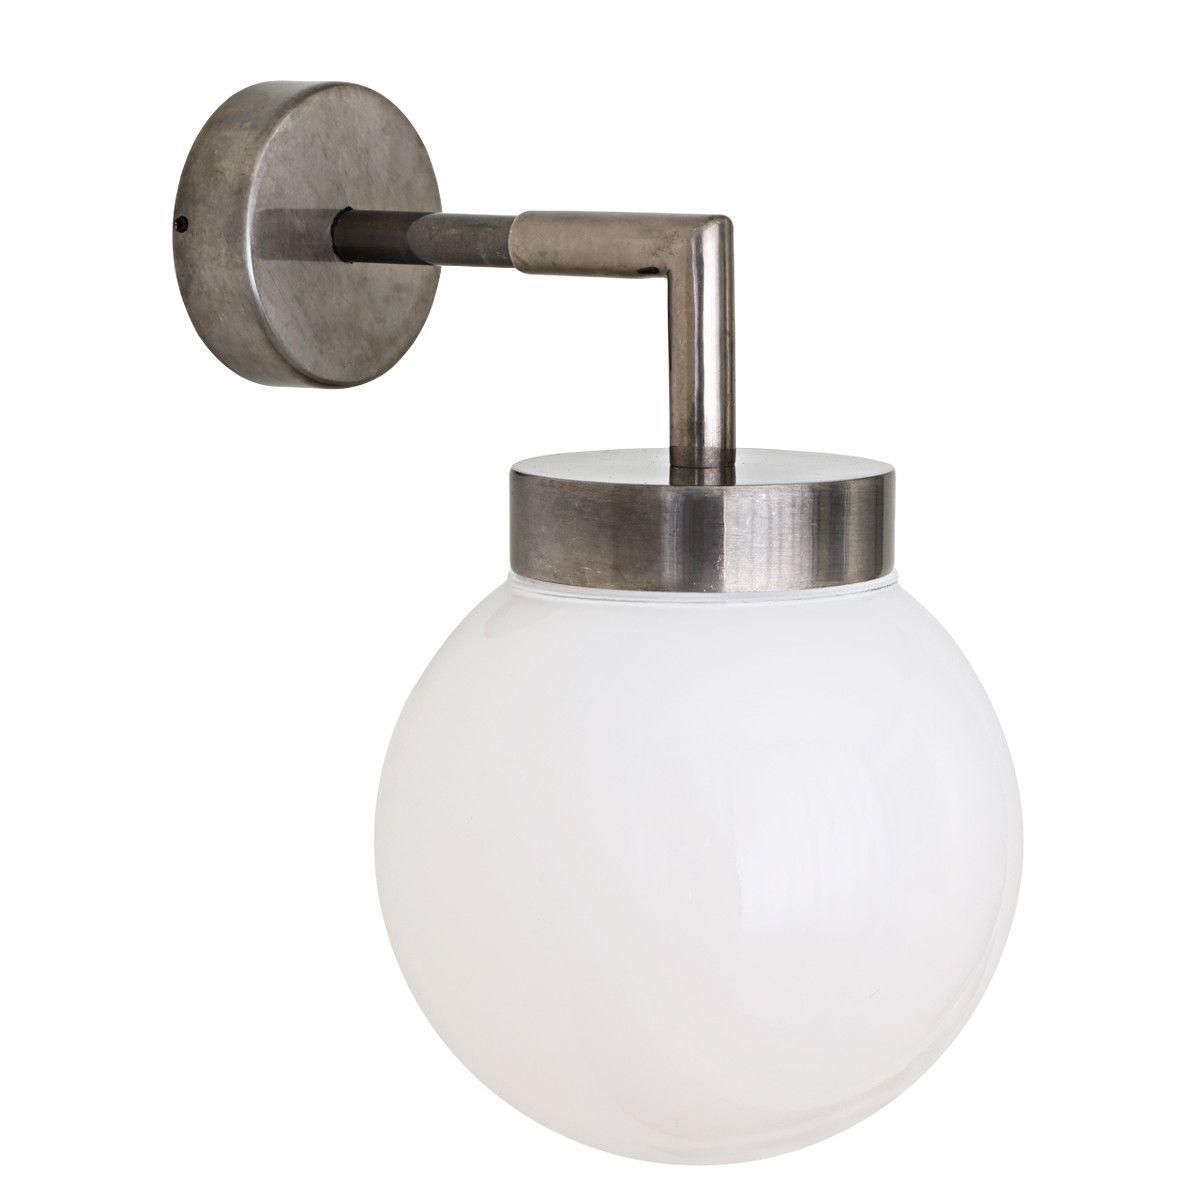 Kleine Badezimmer Wandlampe O 15 Cm Ip65 Von Aire Lighting Wandlampe Lampen Badezimmer Wandlampe